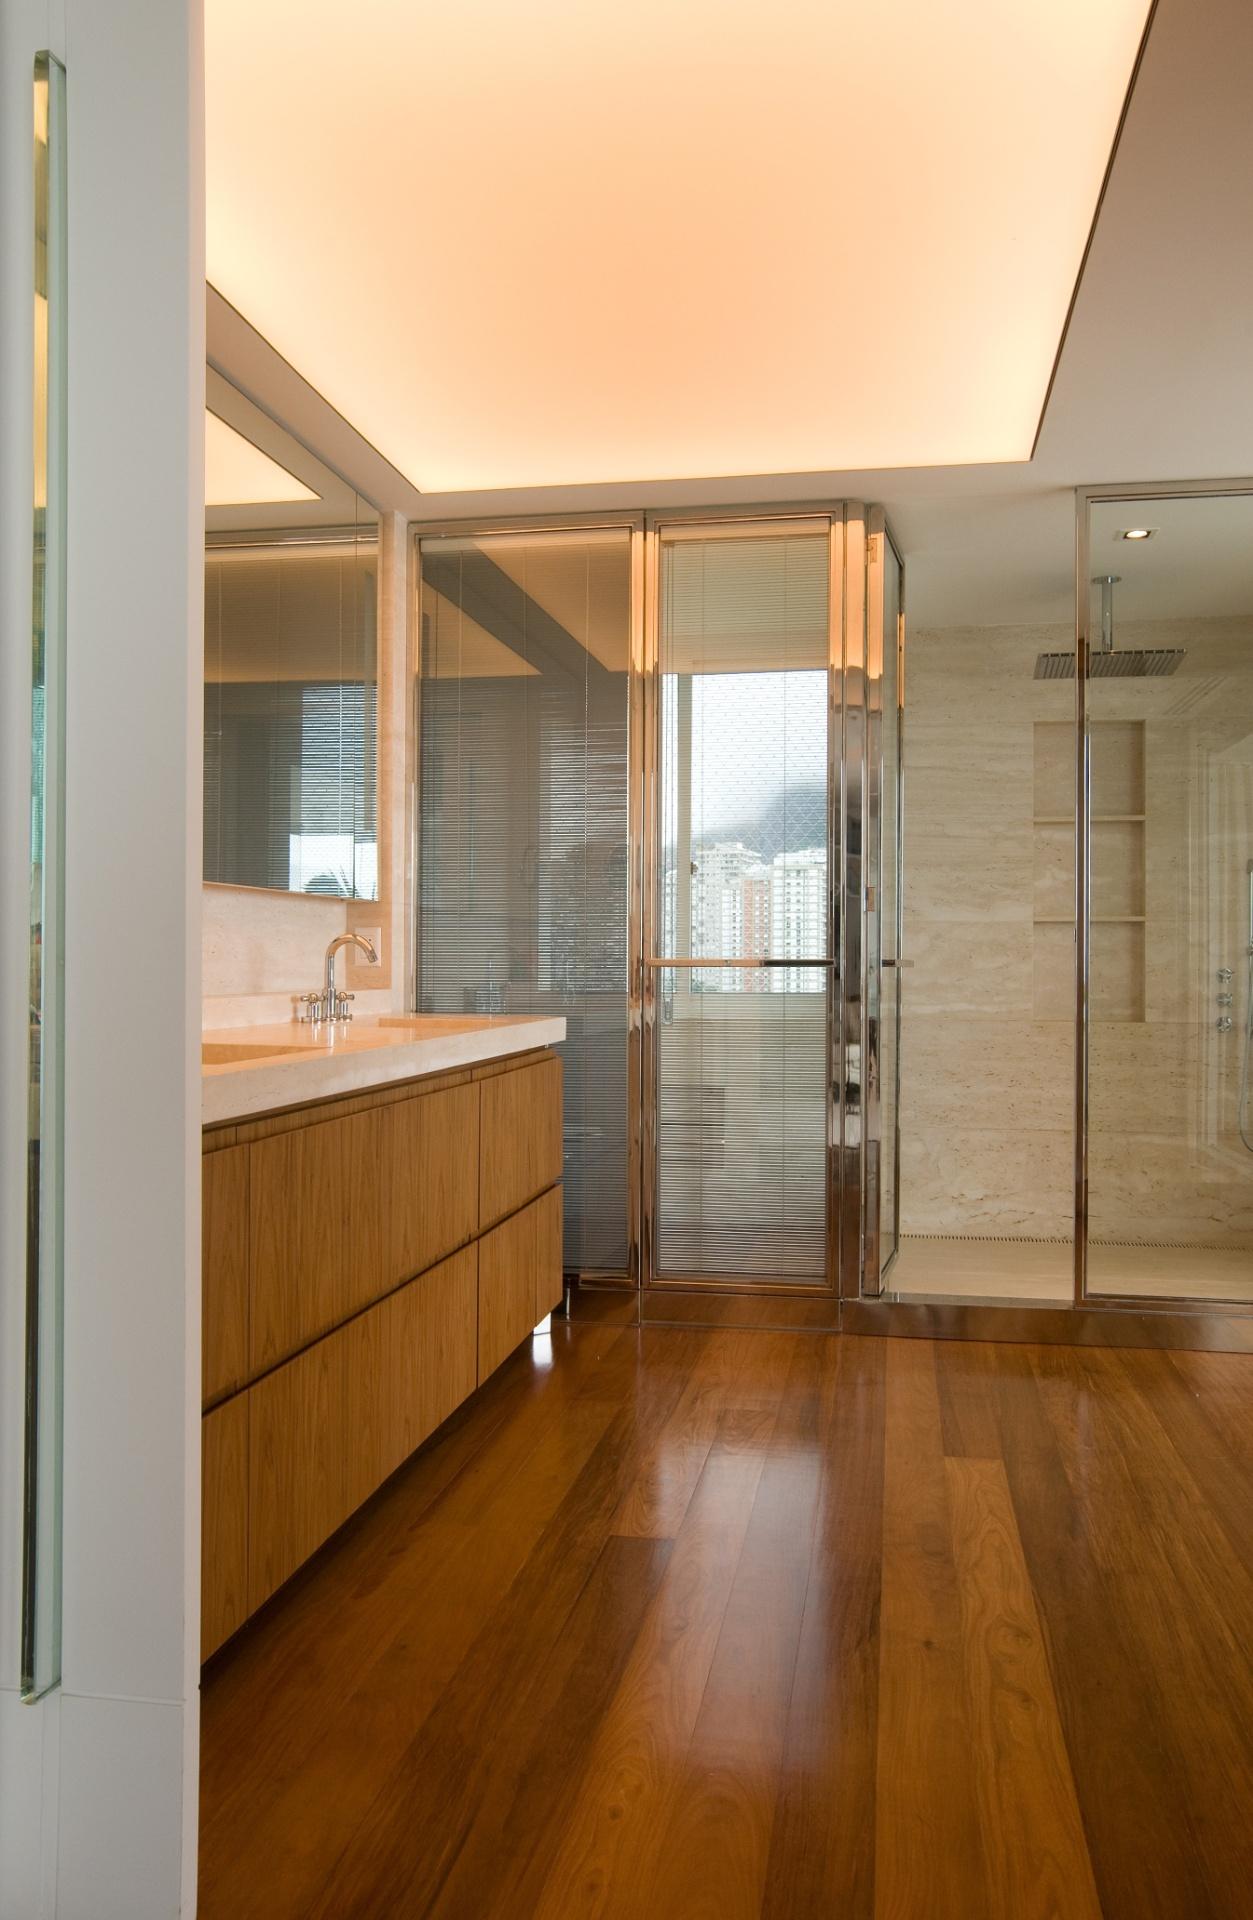 área de banho da suíte do casal é ampla com madeira predominante  #6F3F10 1253 1920